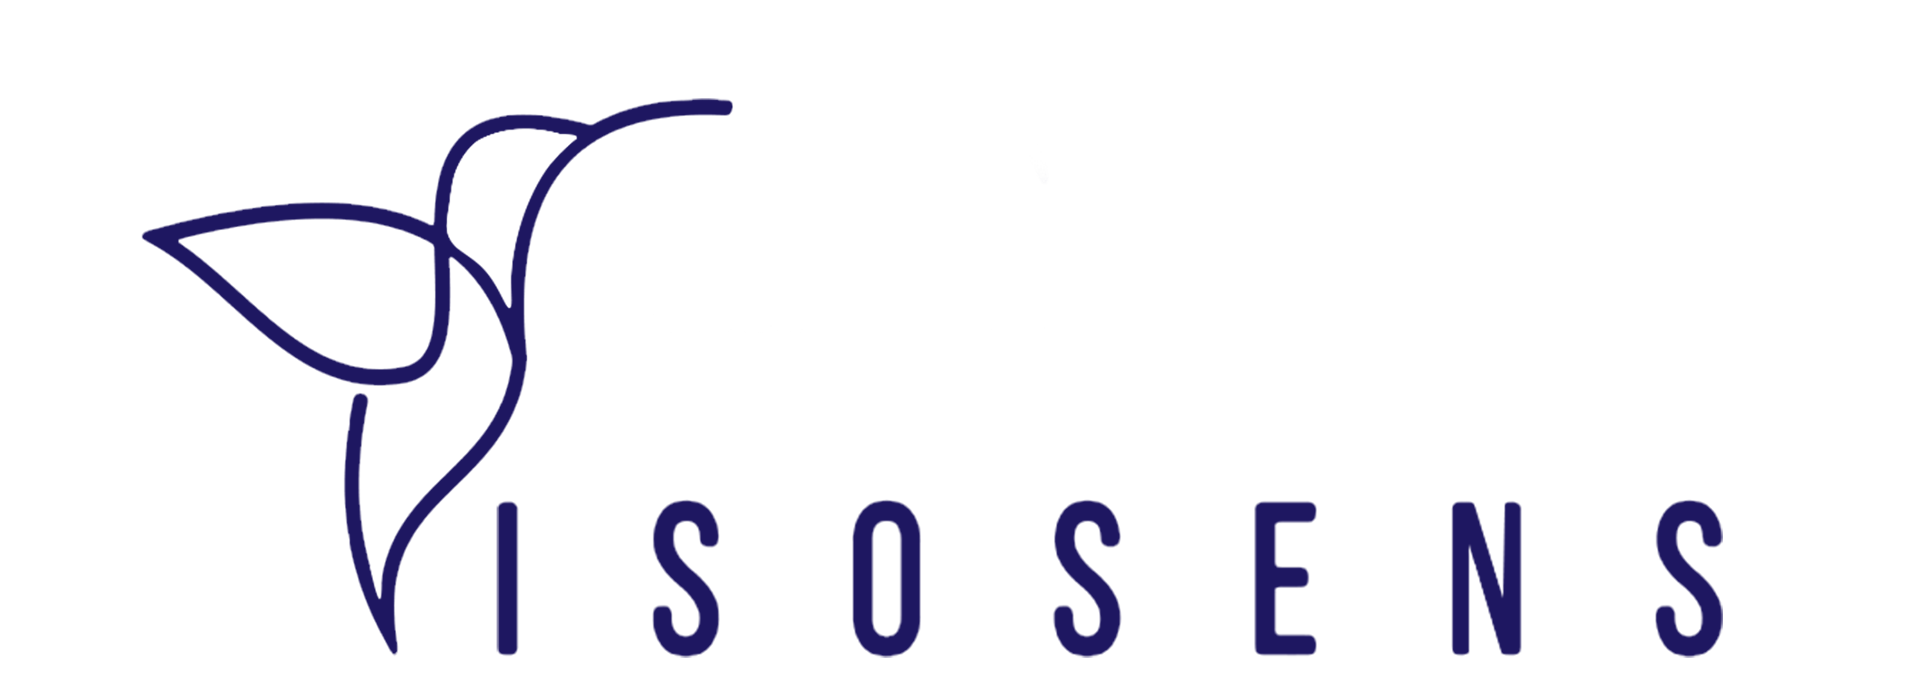 ISOSENS.FR | 1er sur le coaching en investissement